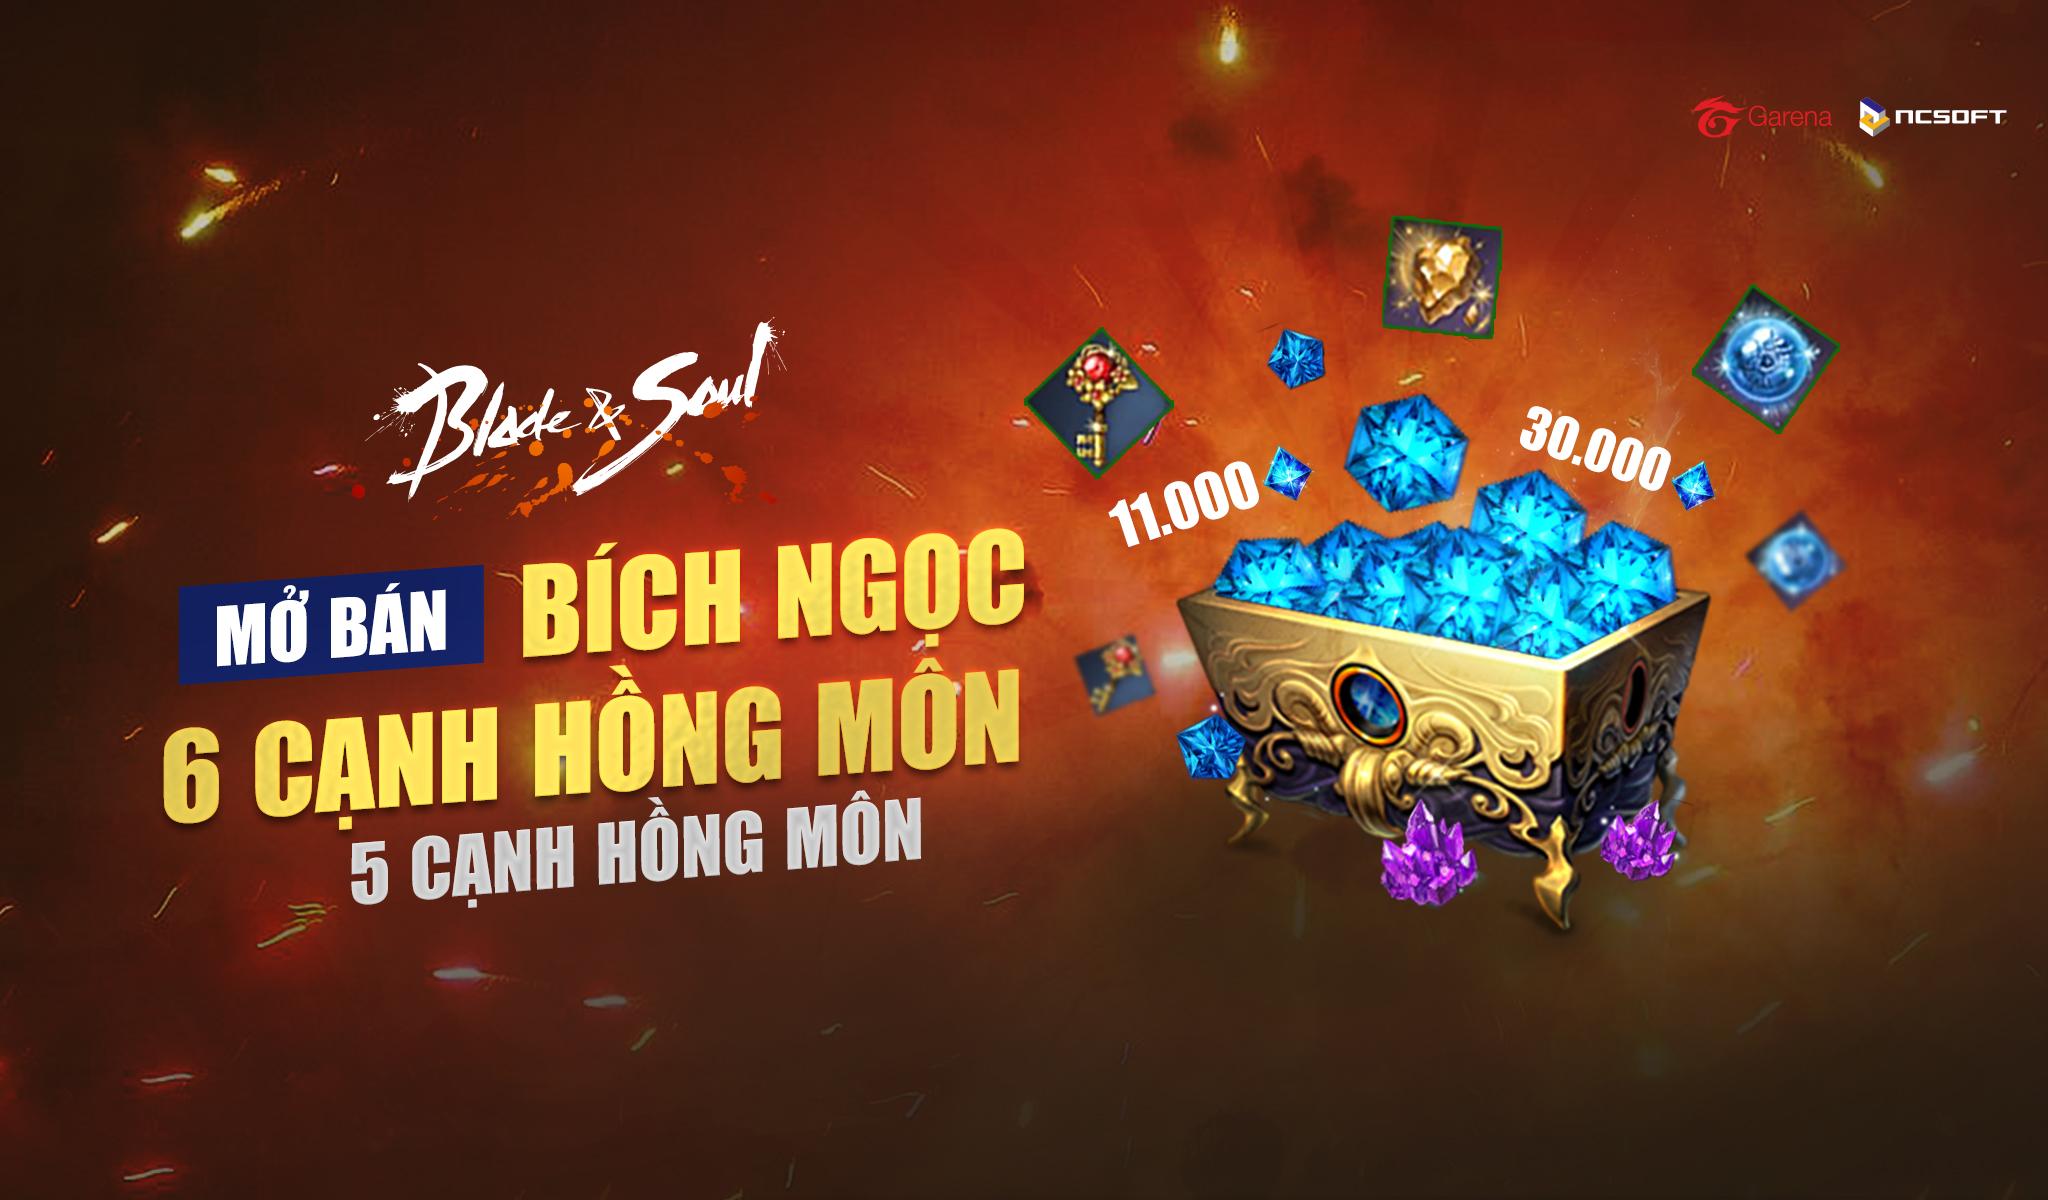 Blade and Soul ra mắt cửa hàng đặc biệt Halloween cùng Bích ngọc Hồng Môn - ảnh 12